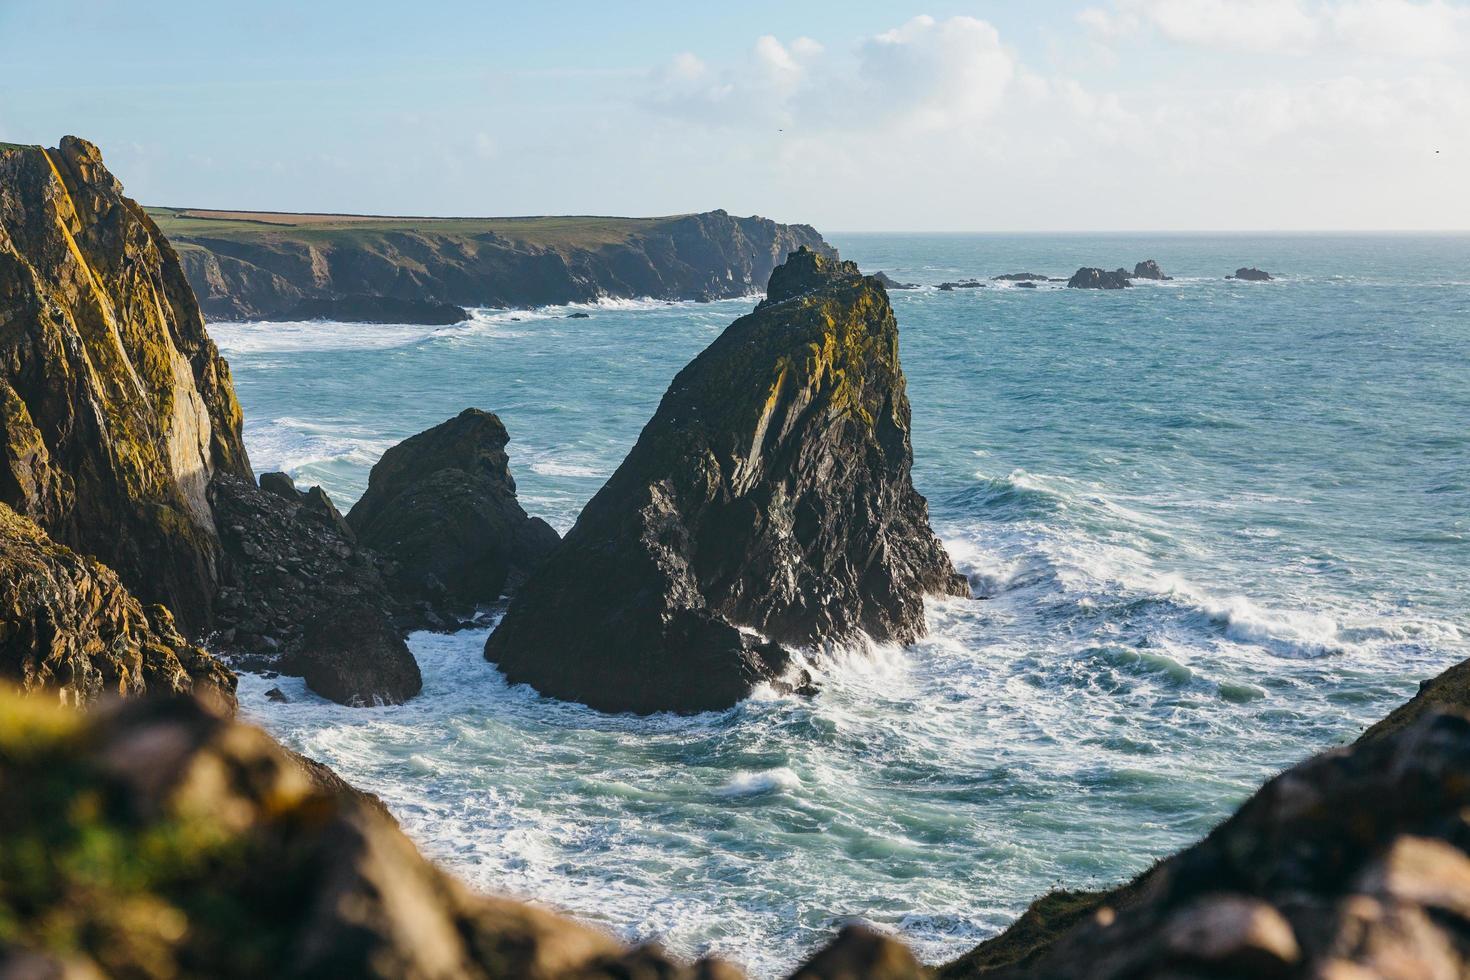 paisaje marino rocoso durante el día foto